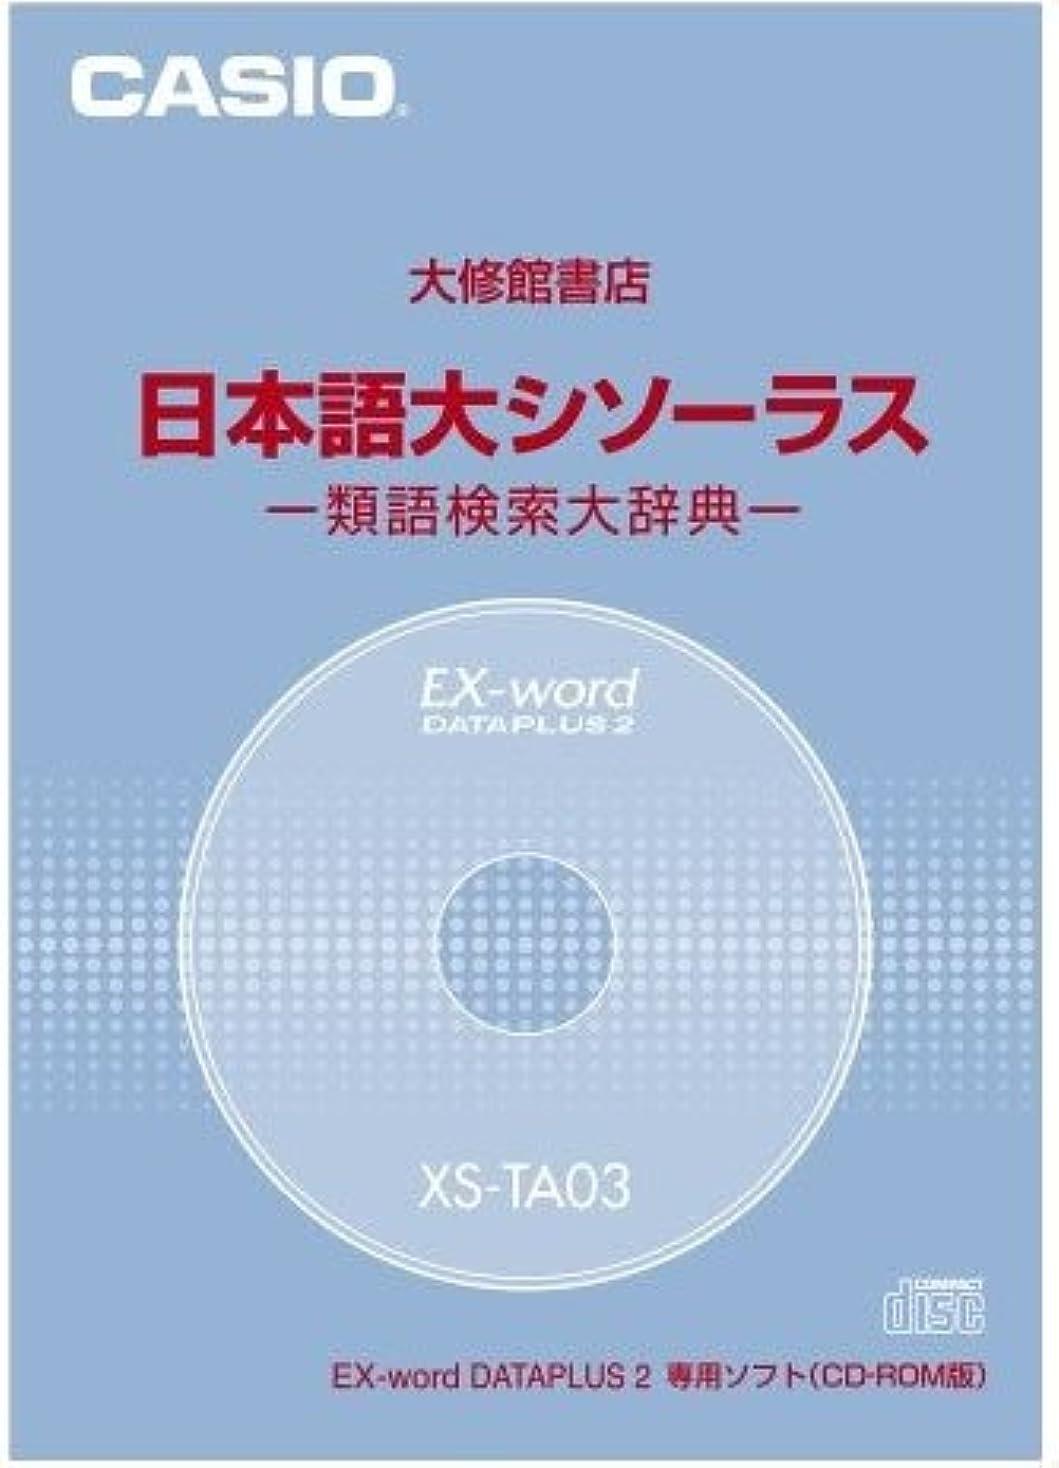 スペイン語取り替えるジャンクカシオ計算機 カシオ 電子辞書用コンテンツ(CD版) 日本語大シソーラス類語検索大辞典 XS-TA03